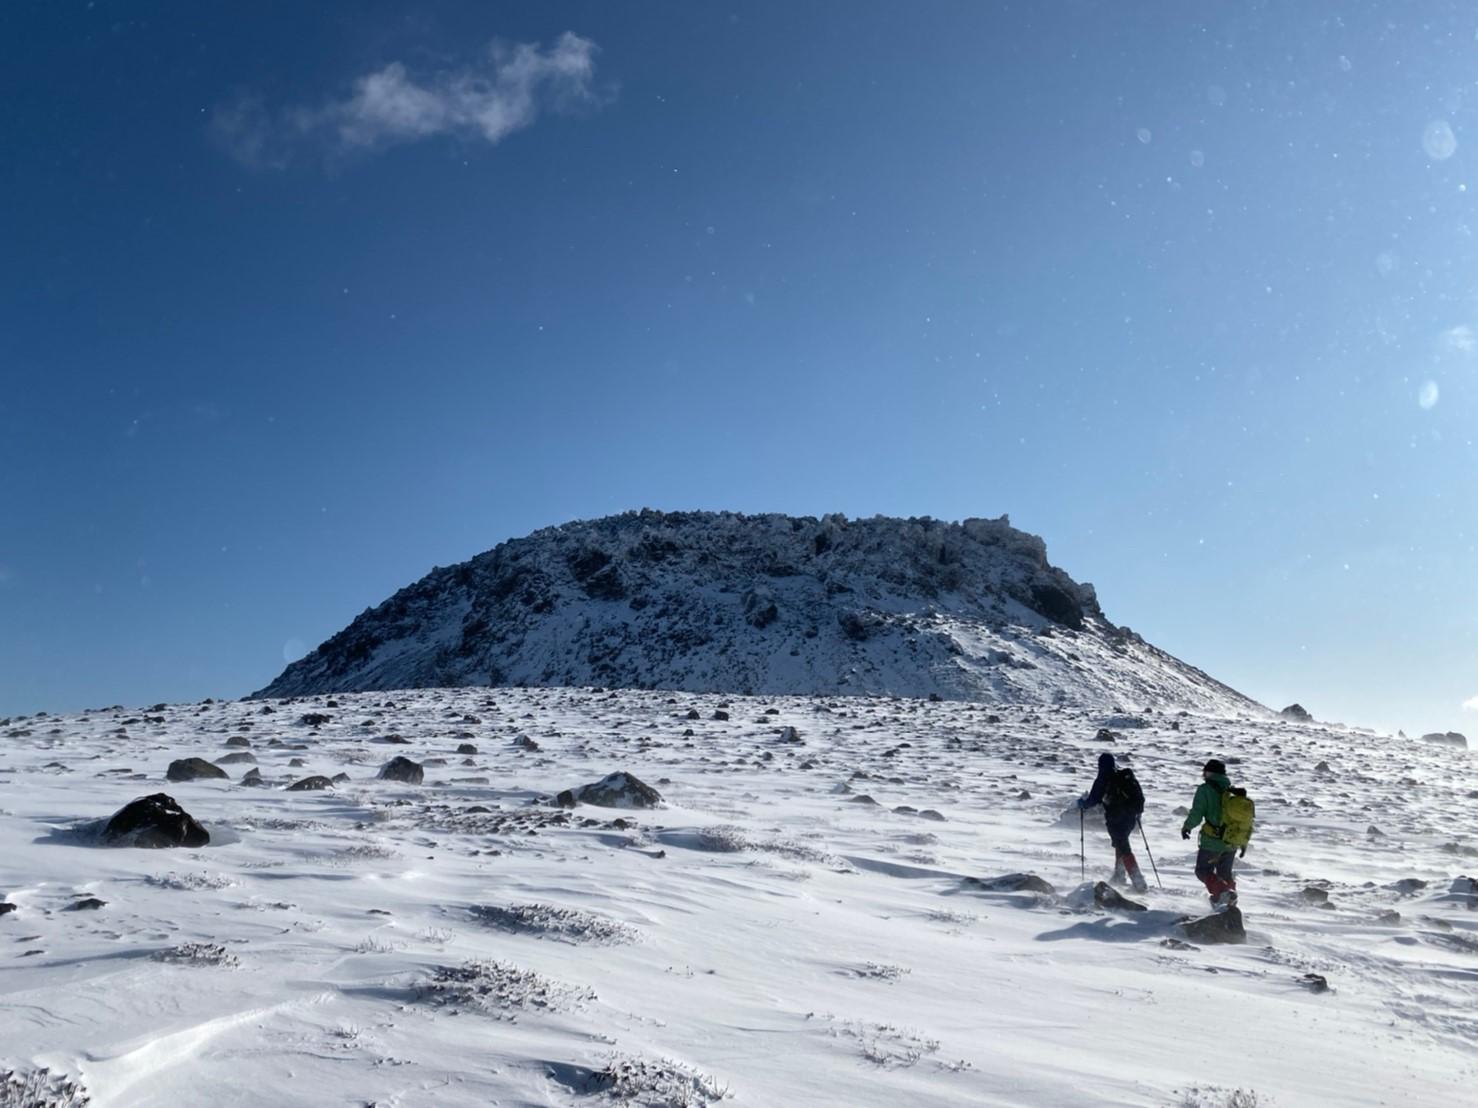 樽前山(北山)と苔の洞門、2019.12.15ー同行者からの写真ー_f0138096_23453674.jpg